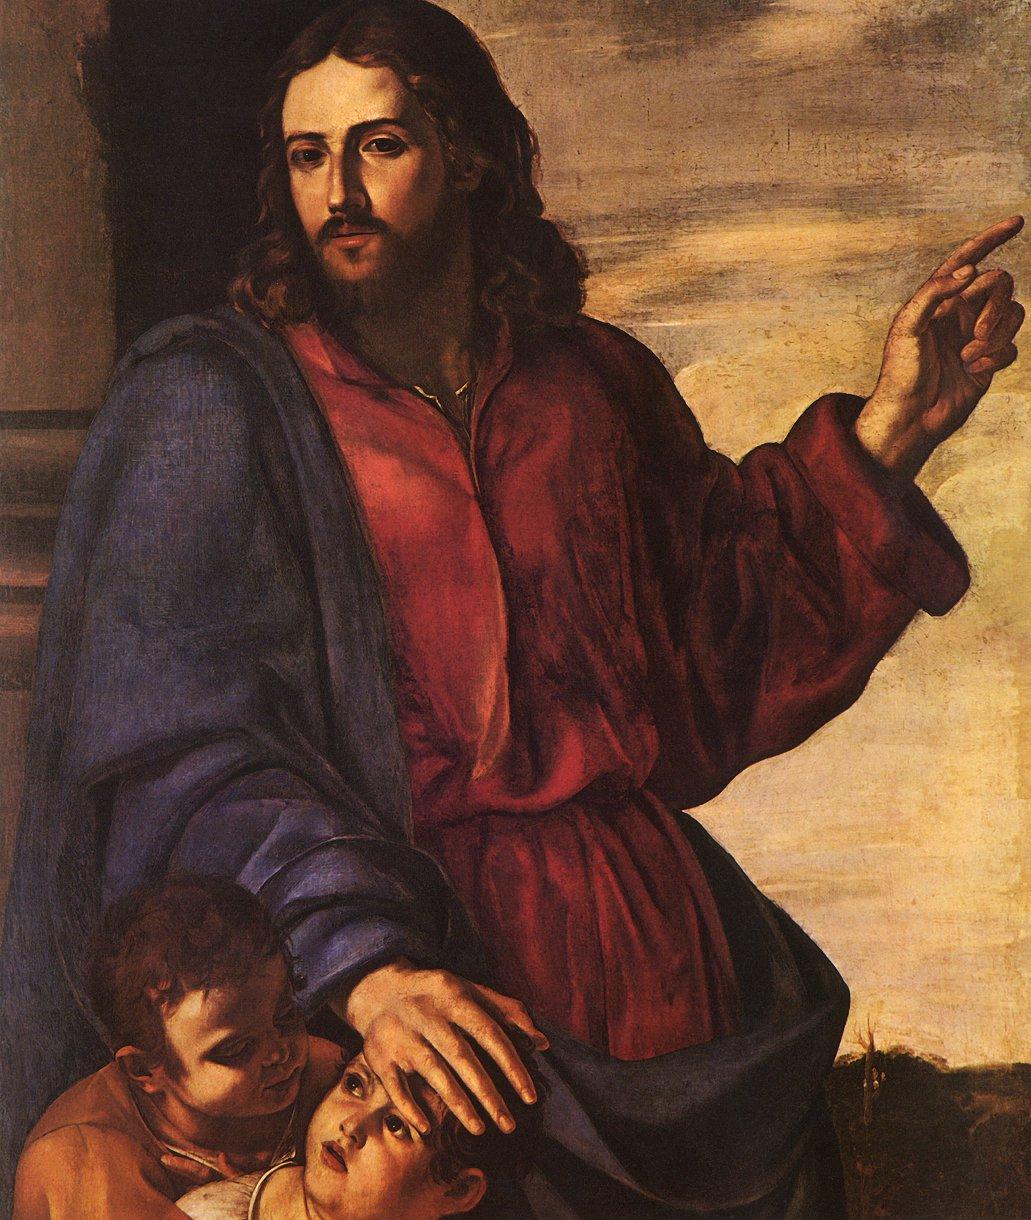 Artemisia Gentileschi. Adorazione dei Magi, 1636-1637. Tecnica sconosciuta. Cattedrale di Pozzuoli